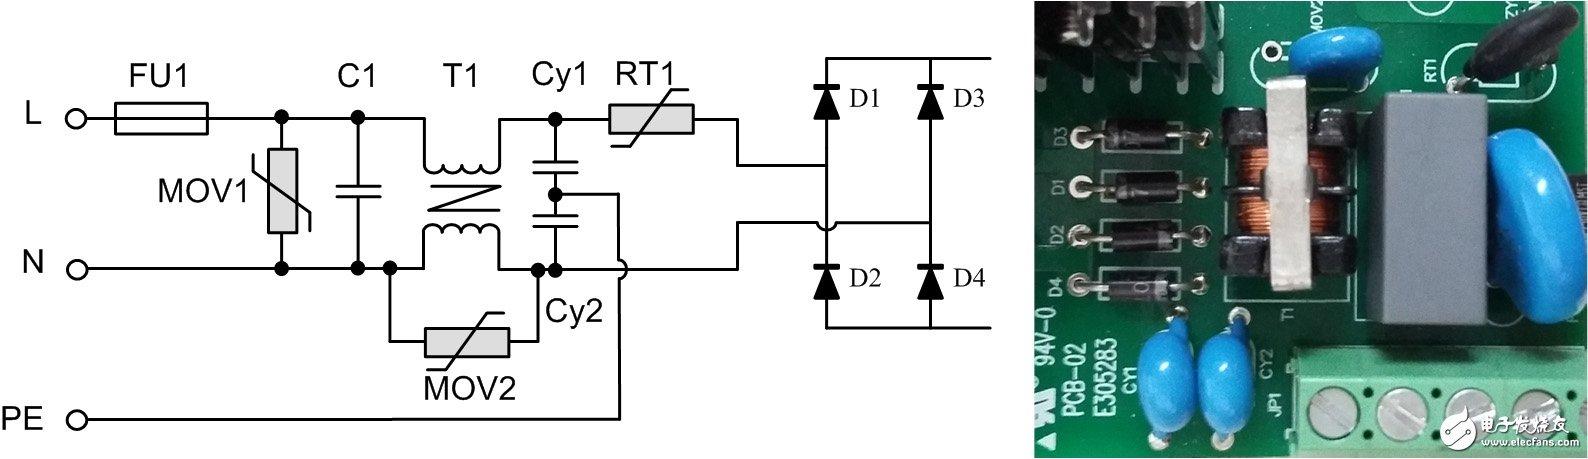 电源模块中的EMC前级原理及抗浪涌电路分析